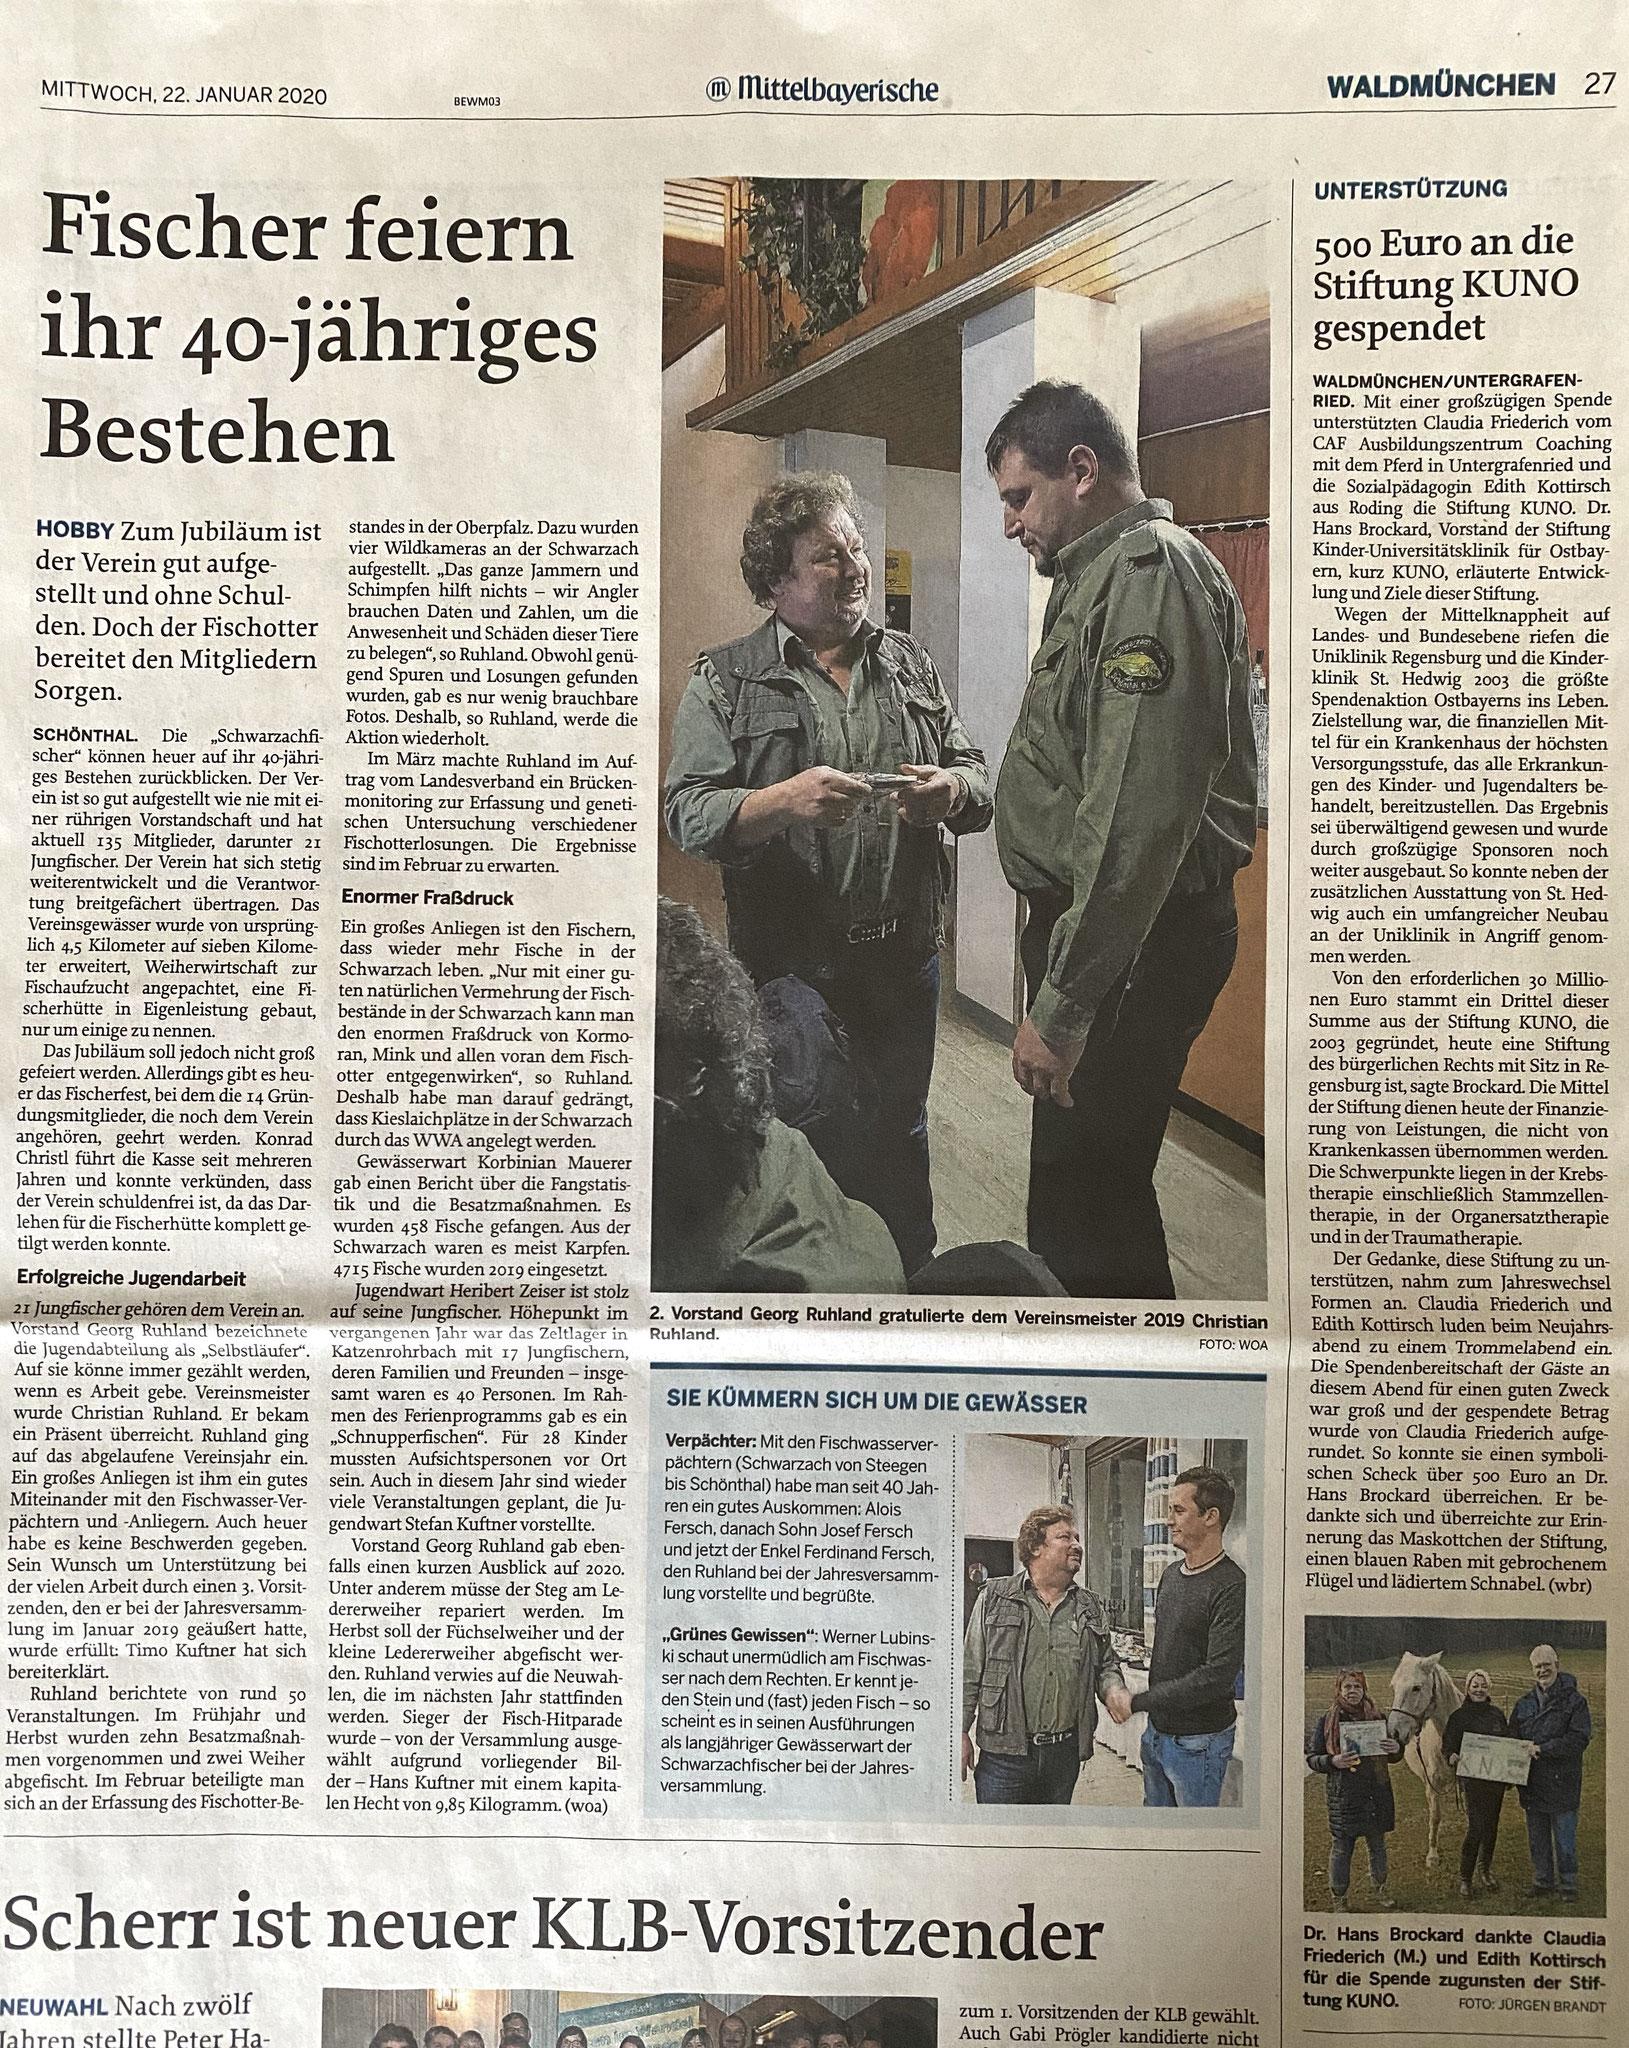 Herzlichen Dank liebe Bayerwald Echo für diesen Artikel!